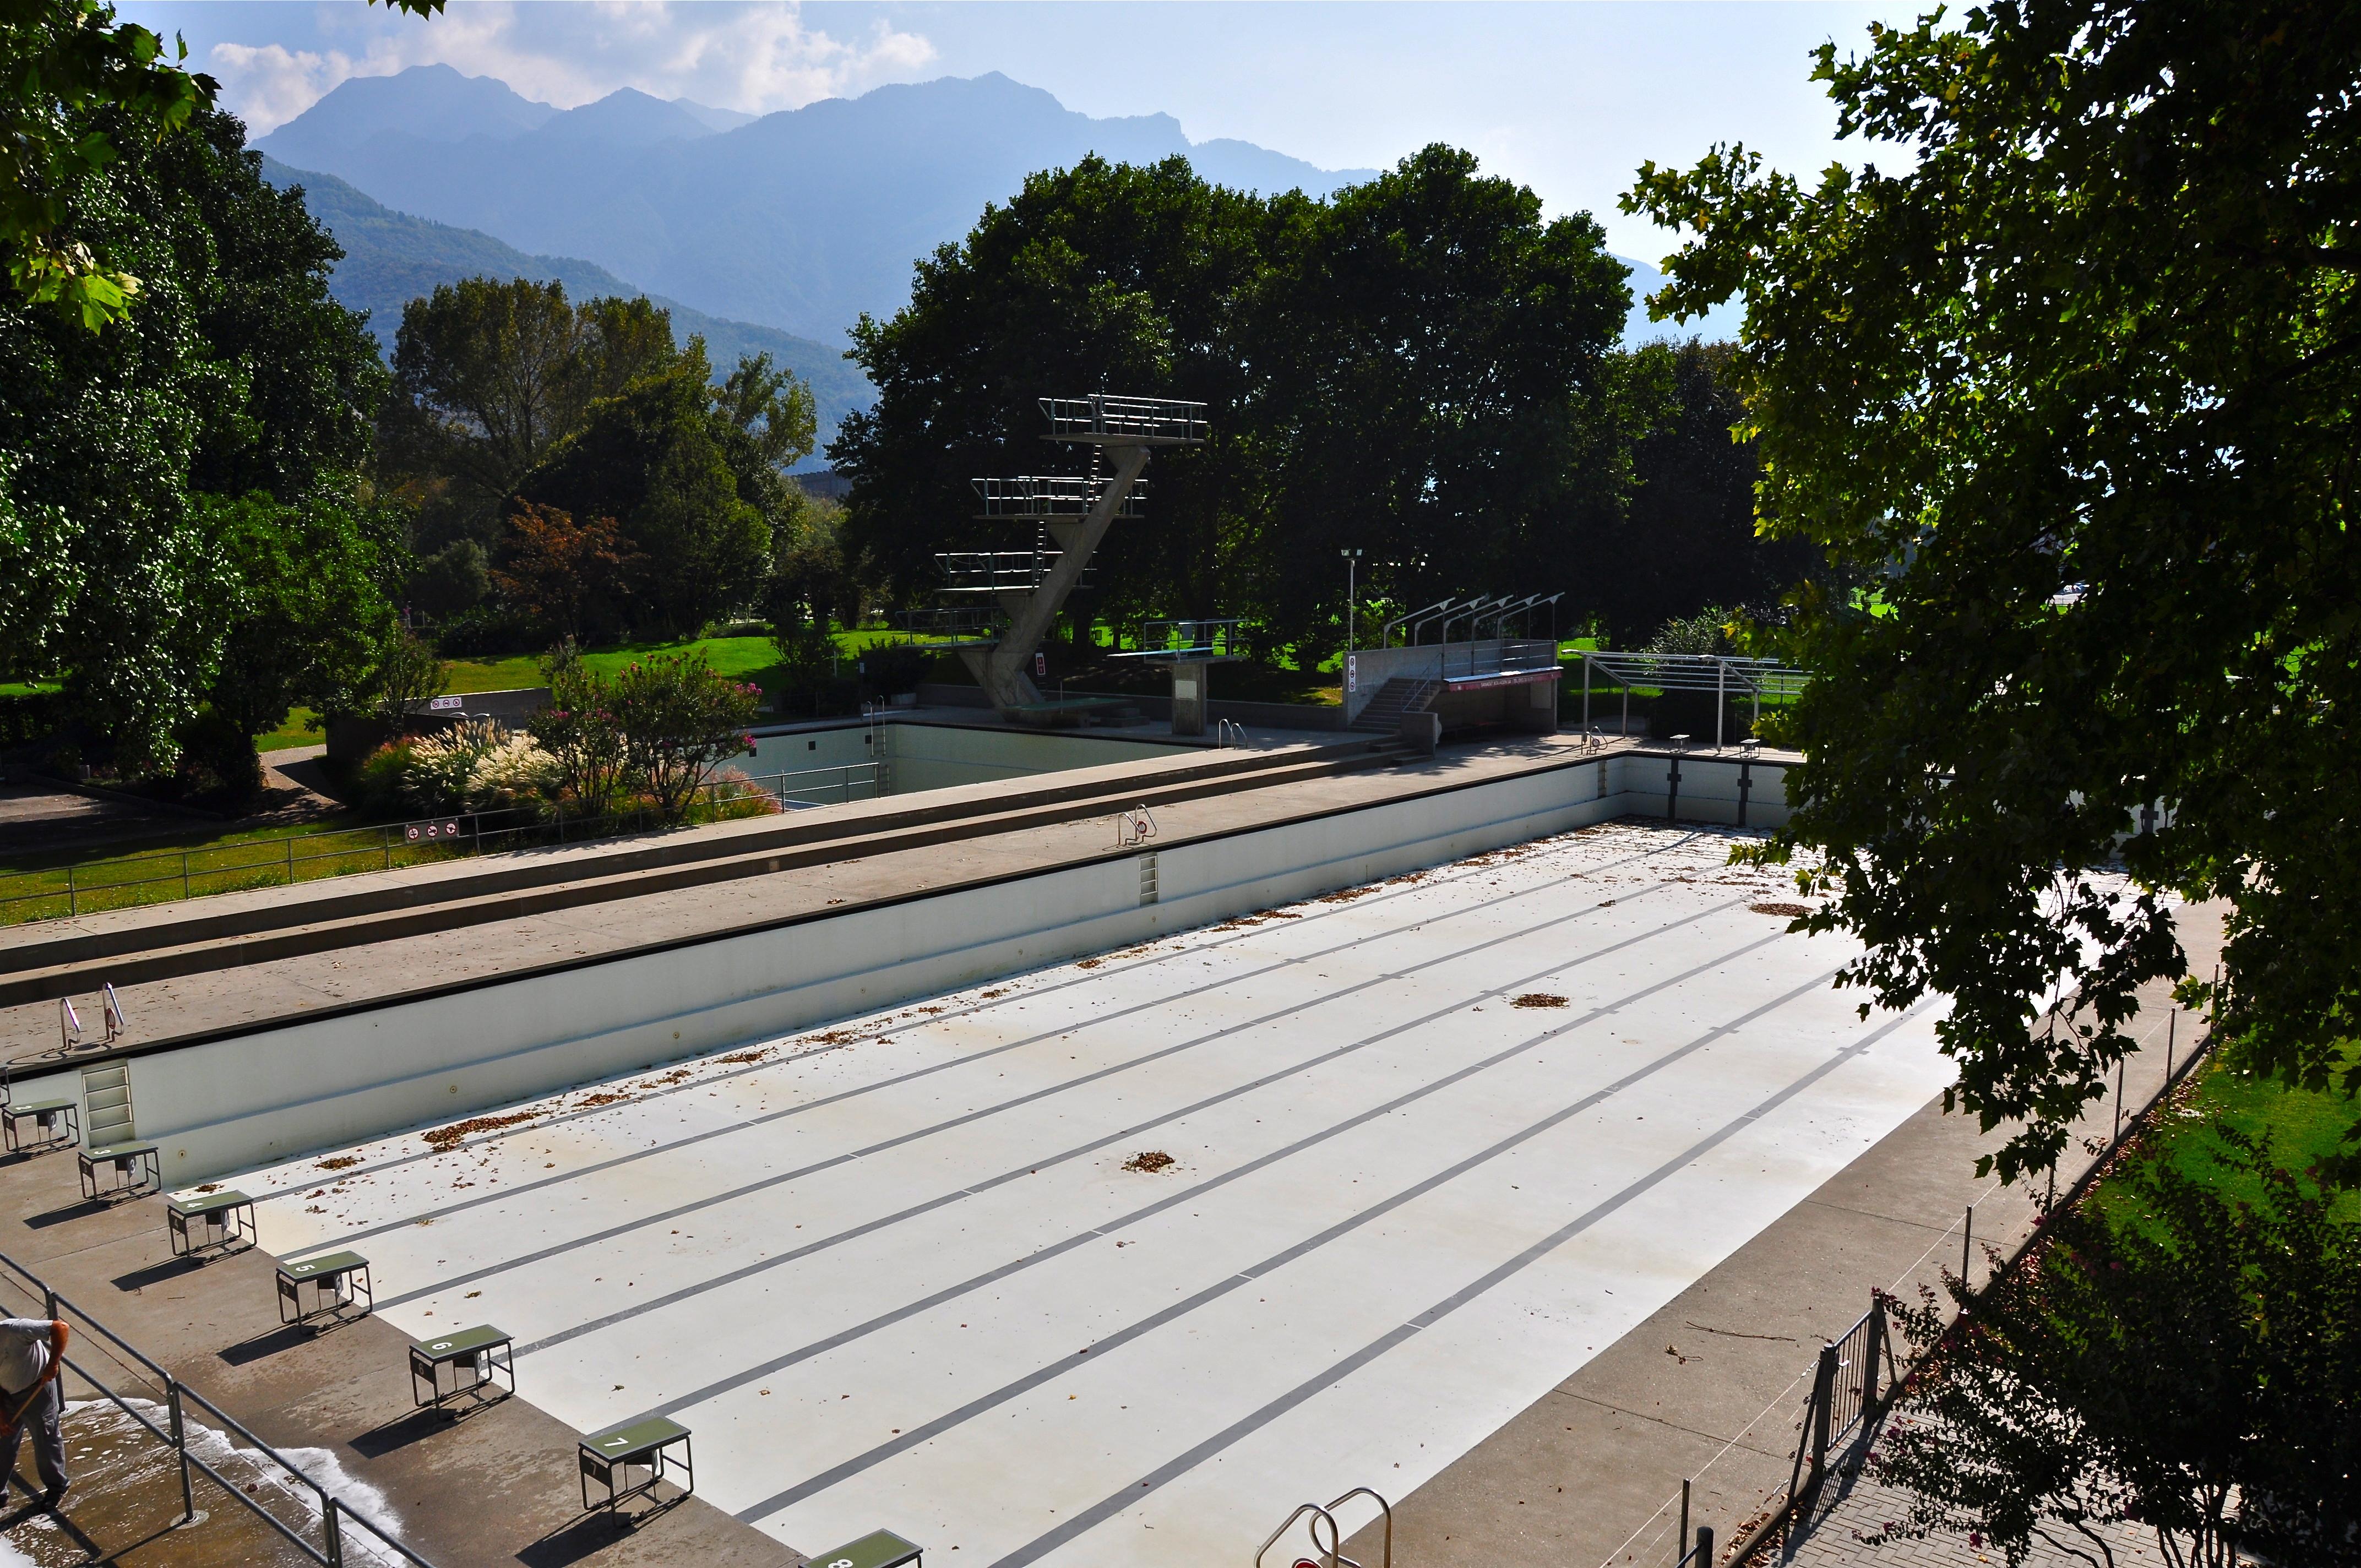 Vasca Da Bagno Wikipedia : Datei:bagno pubblico bellinzona i.jpg u2013 wikipedia